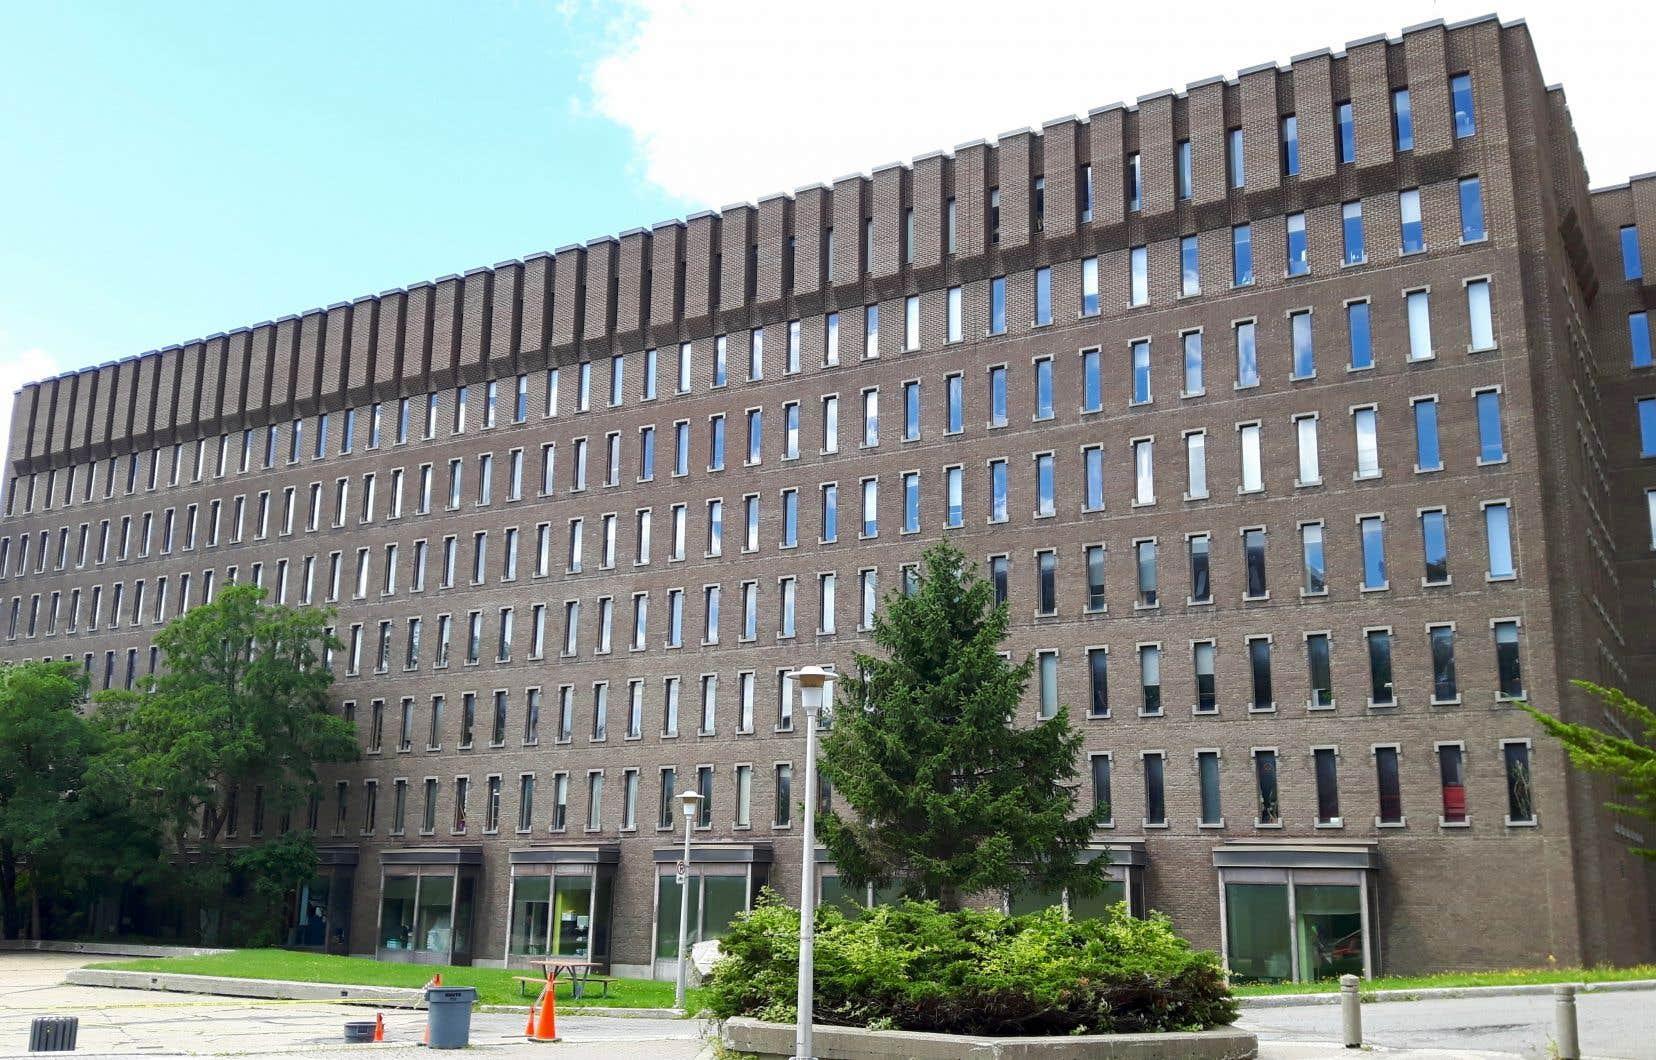 Aujourd'hui, l'École de criminologie de l'Université de Montréal compte 28 professeurs et 1070 étudiants inscrits en 2018.